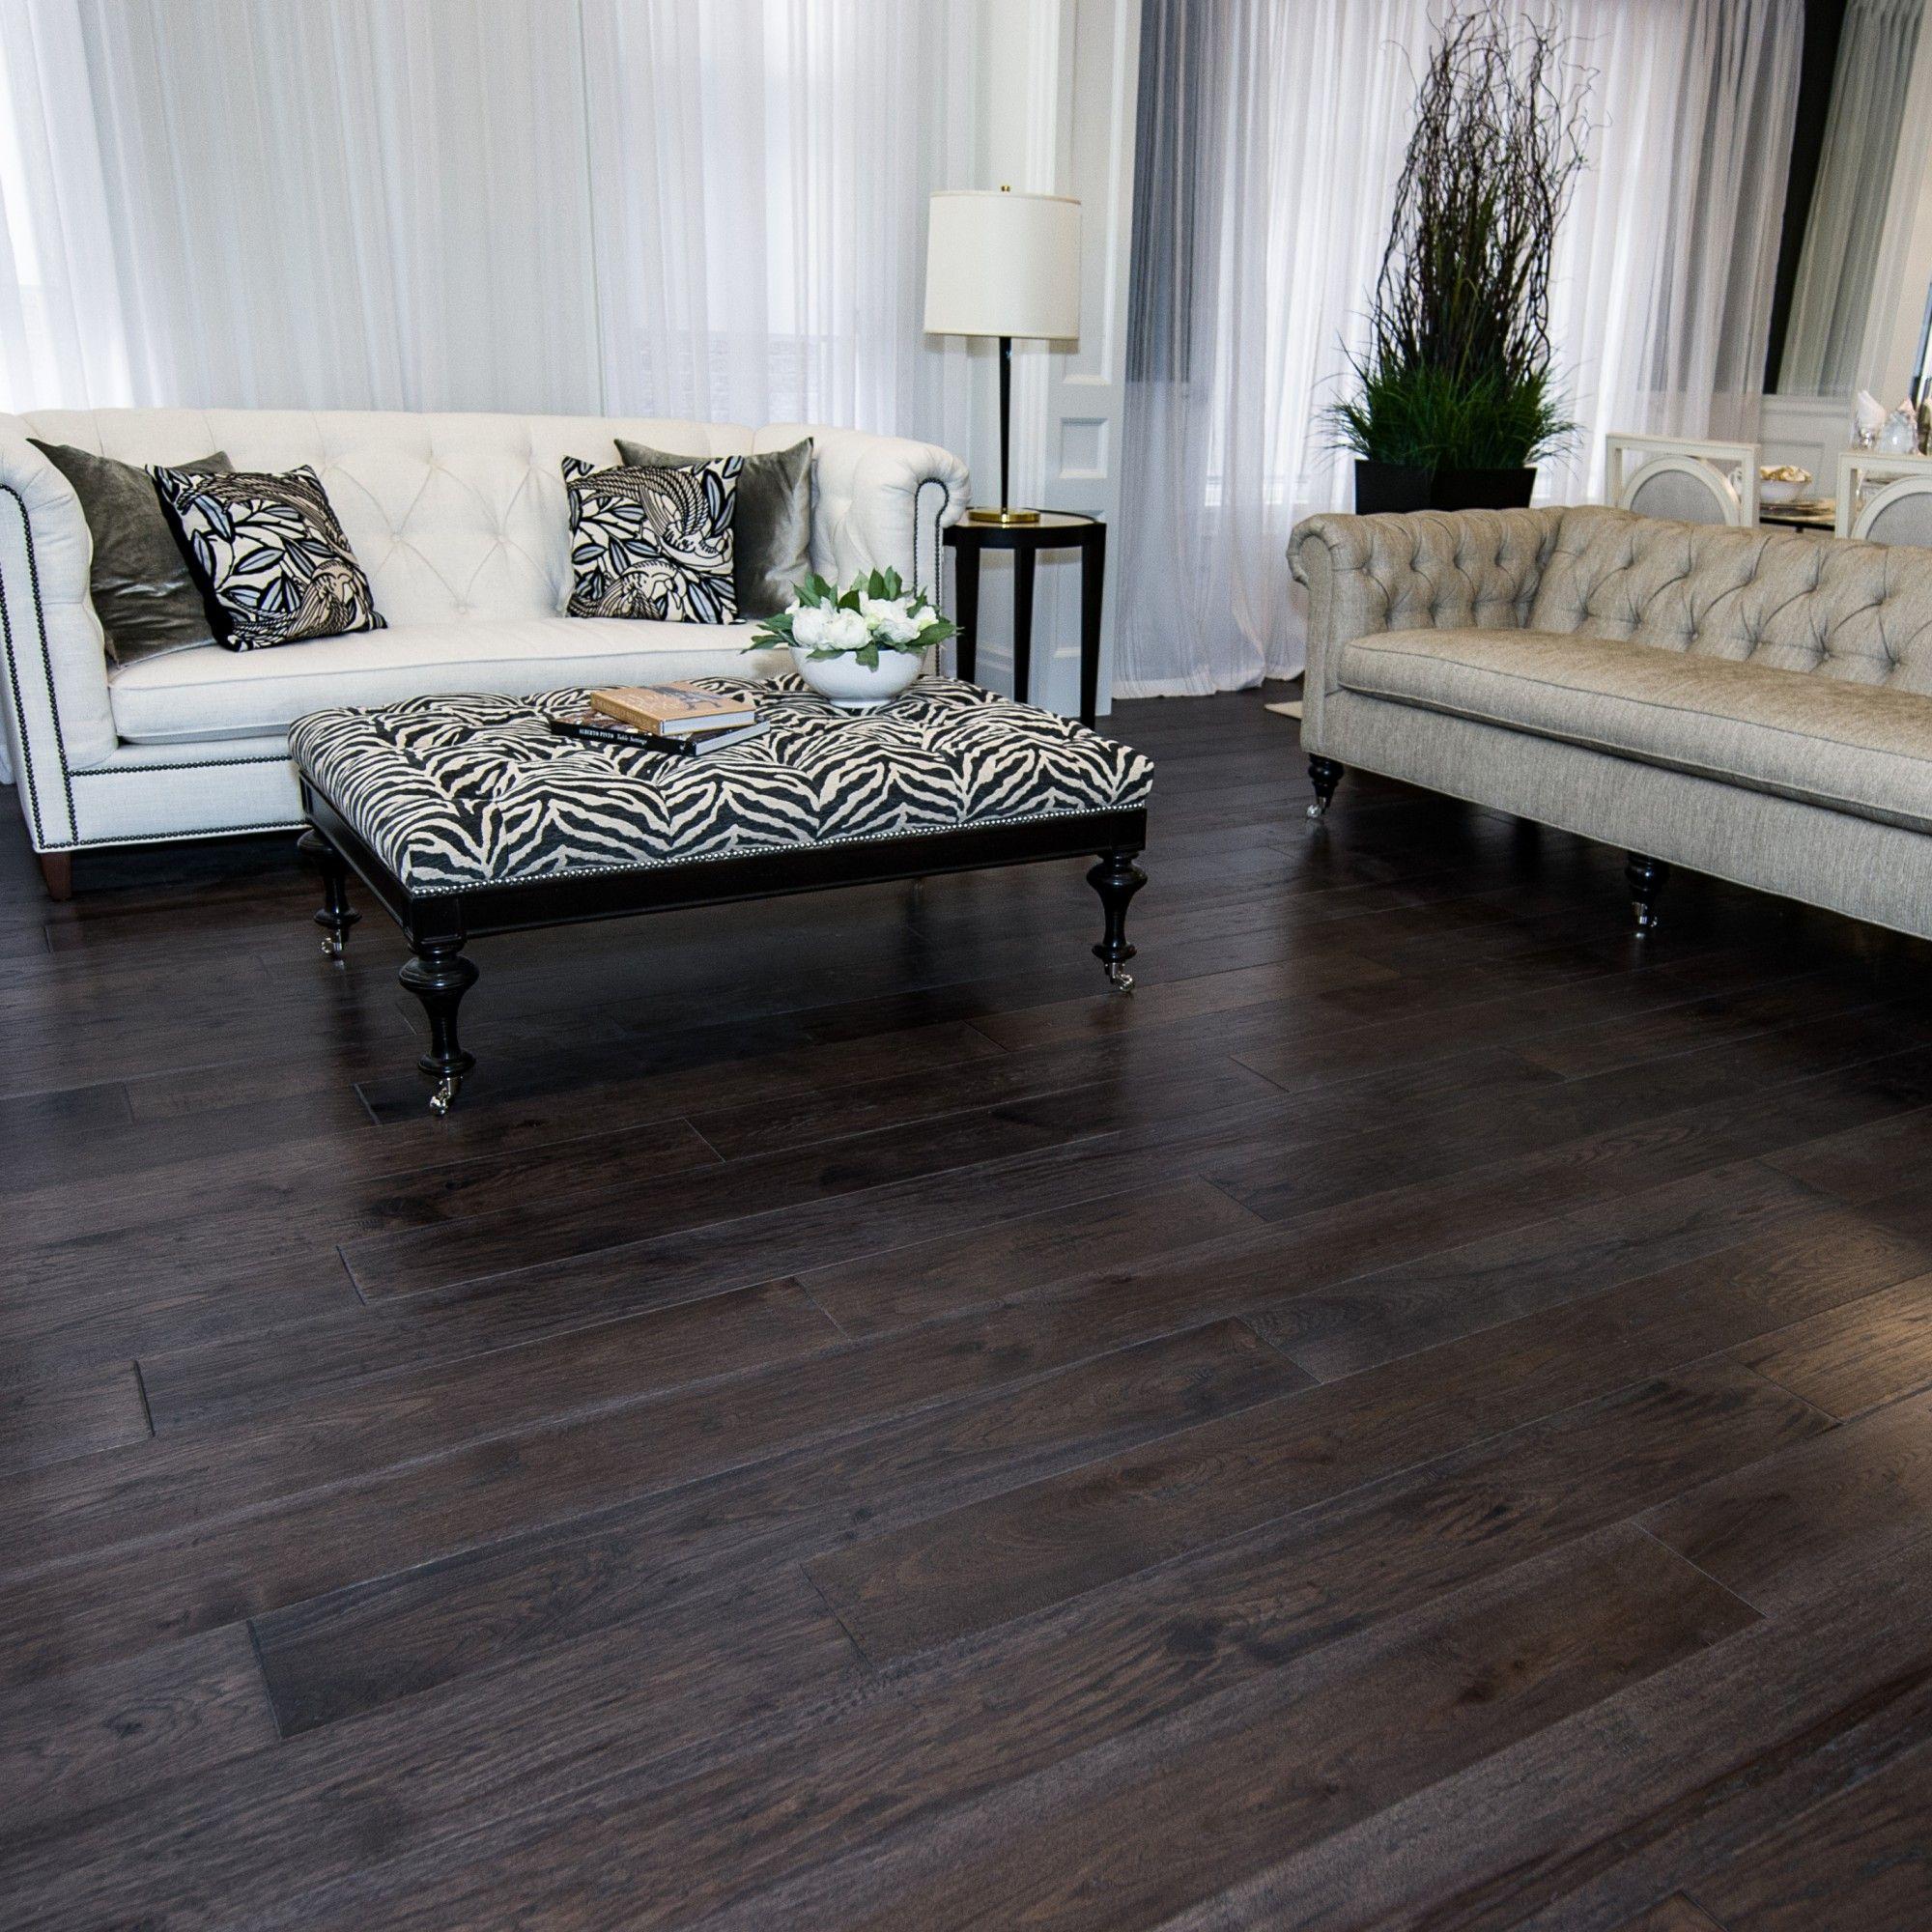 Hardwood Floors, Installing Hardwood